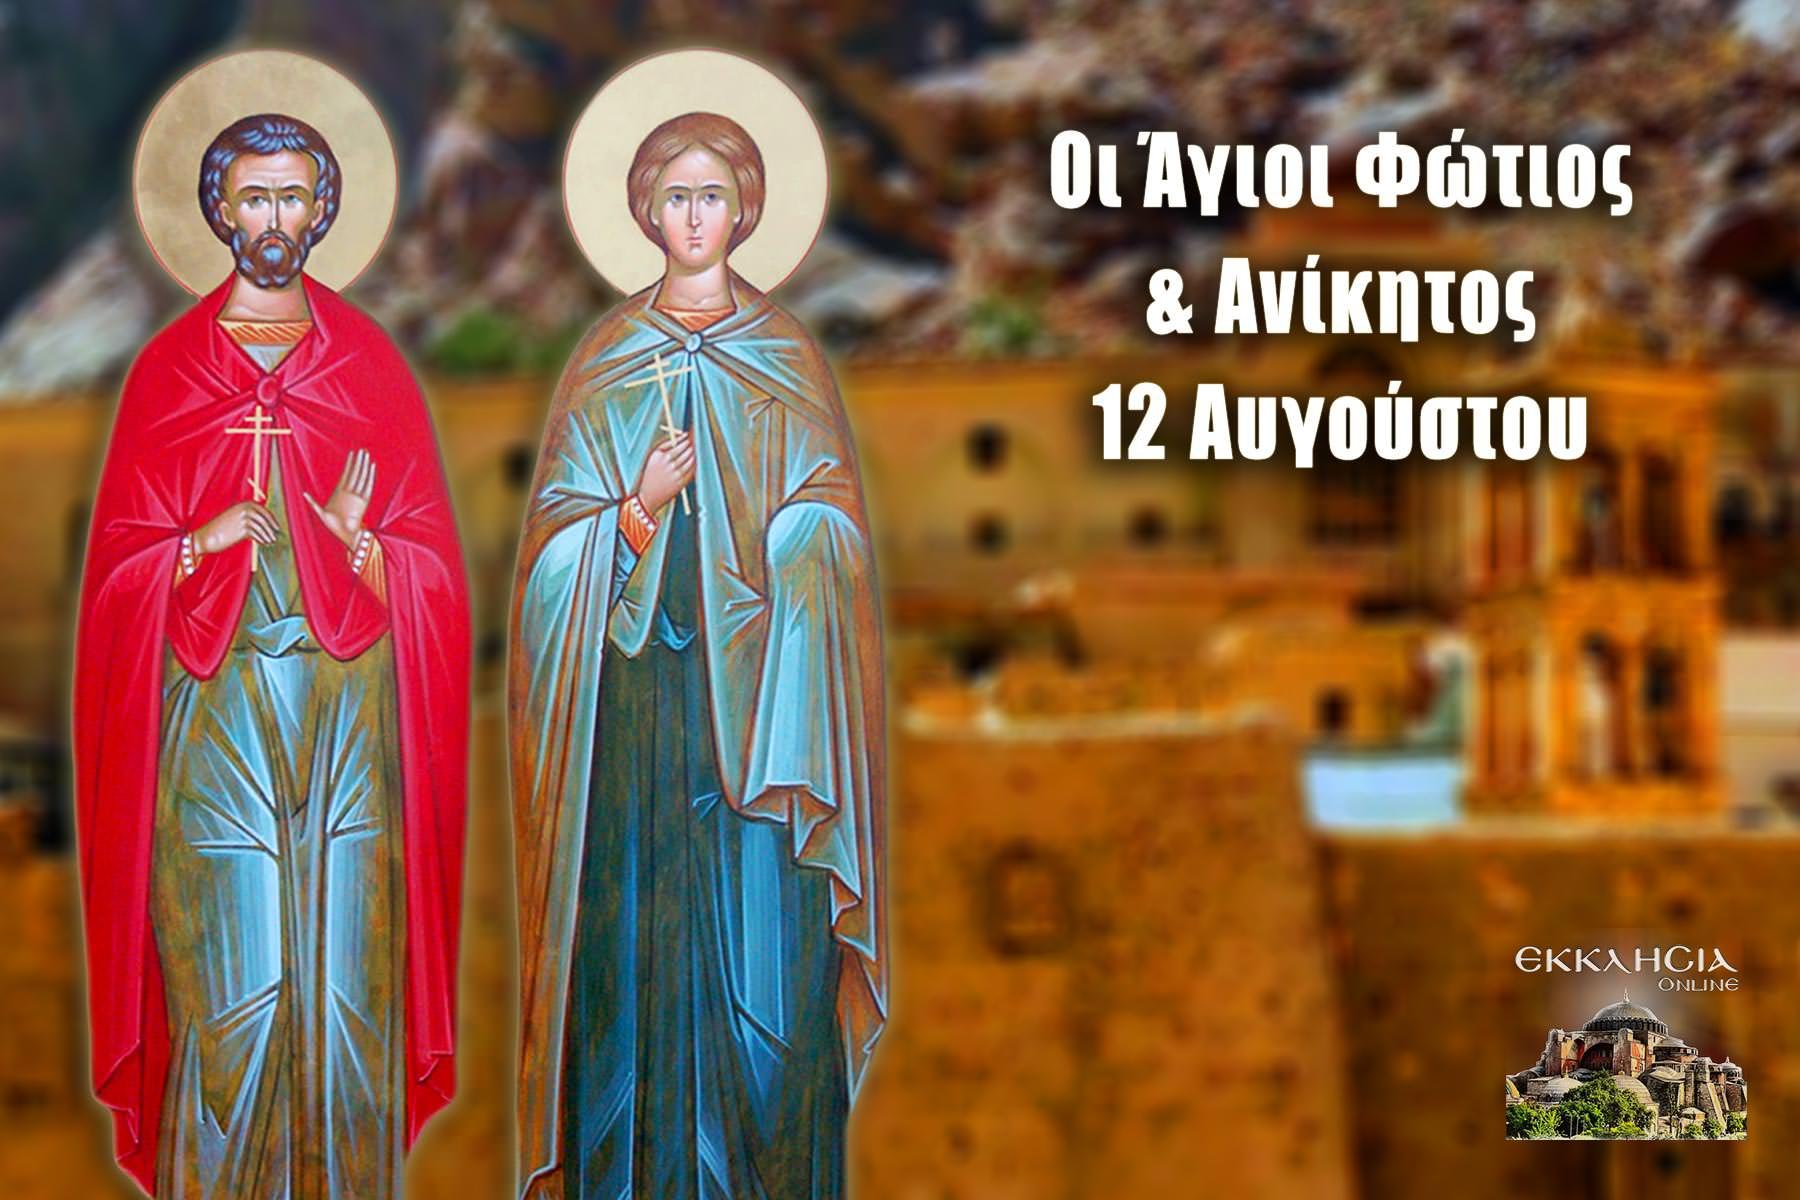 Άγιοι Φώτιος και Ανίκητος 12 Αυγούστου